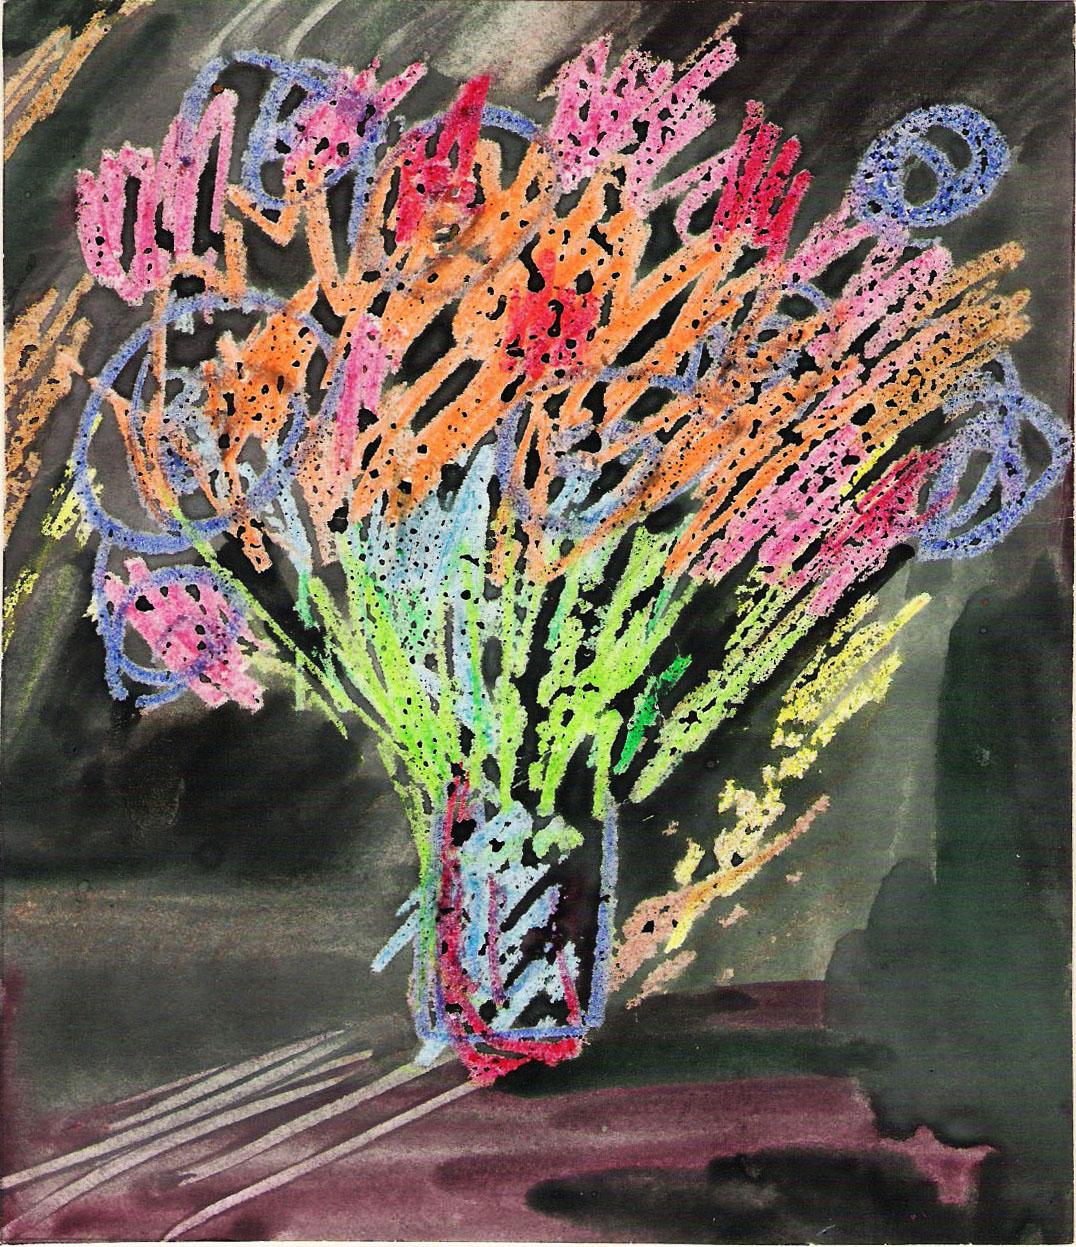 la ragazza sull'altalena: i fiori su sfondo nero